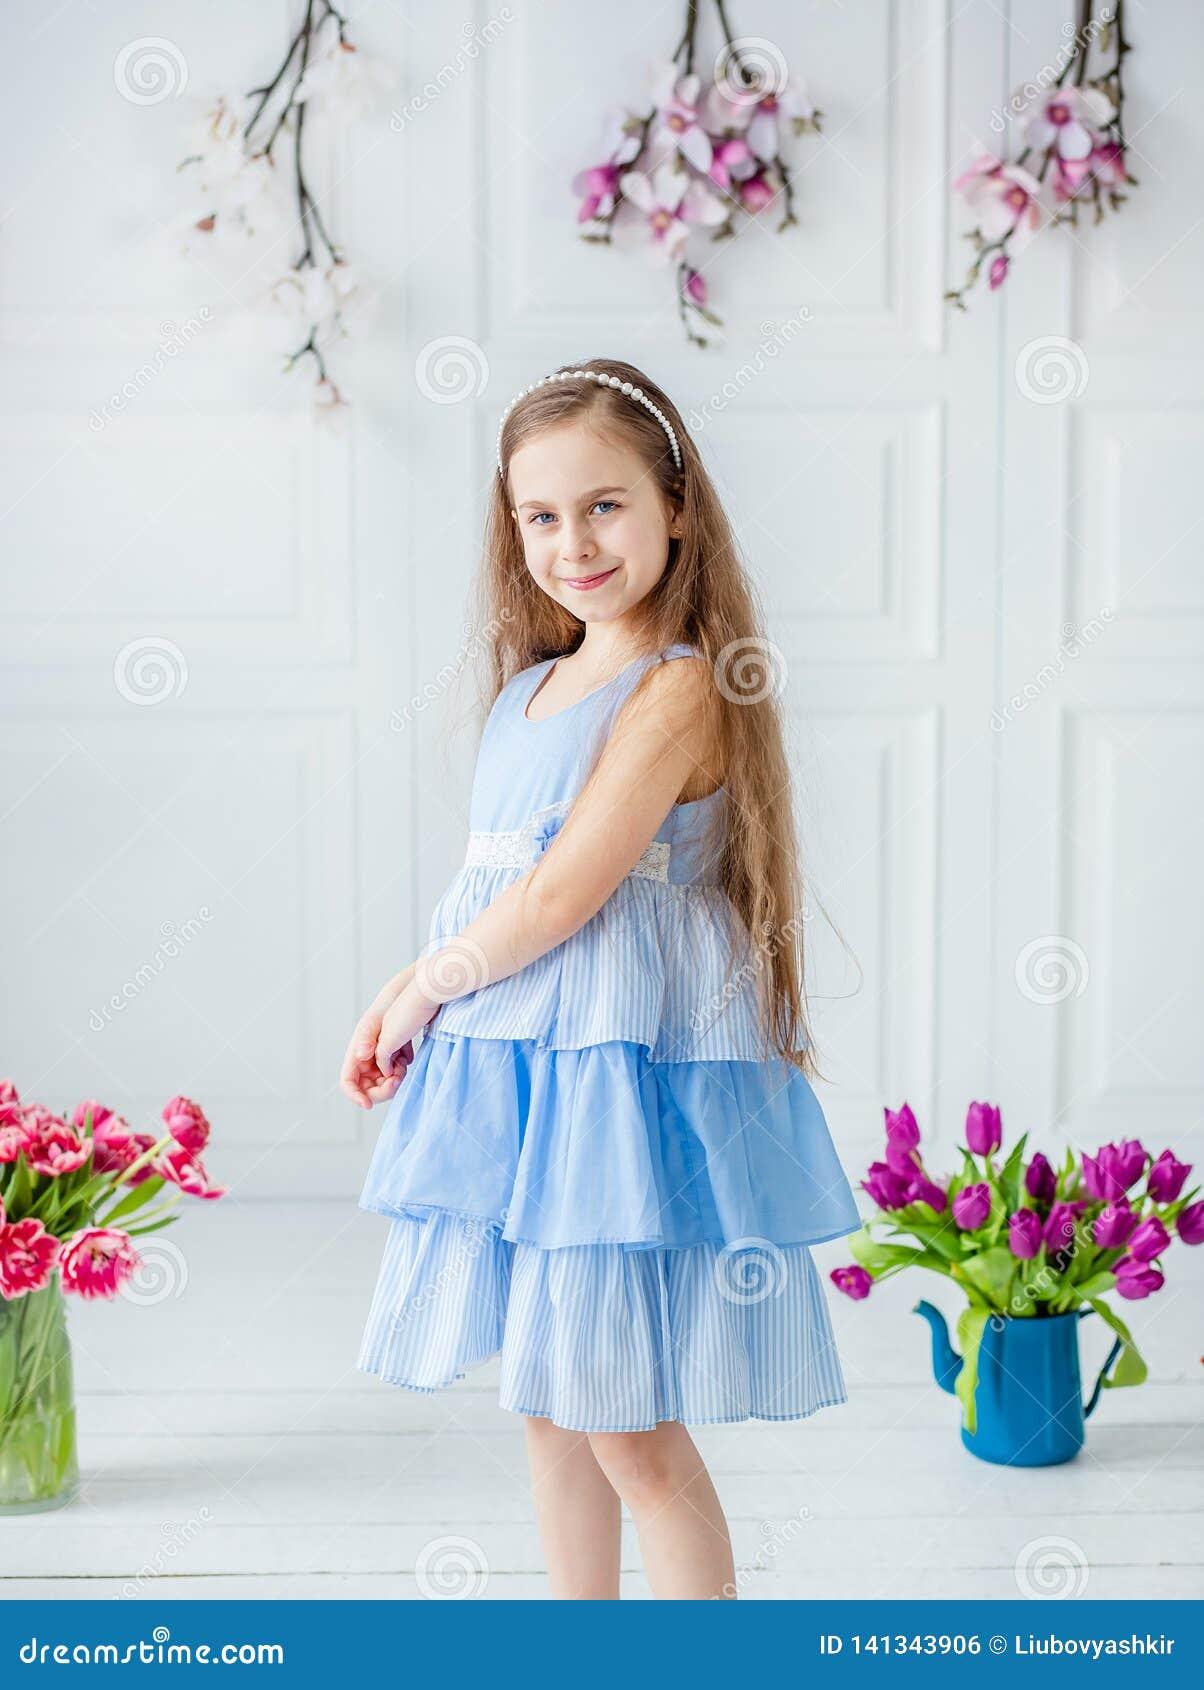 Portret dziewczyna wśród wiosny piękna błękitnooka dziewczyna, troszkę kwitnie w jaskrawym pokoju